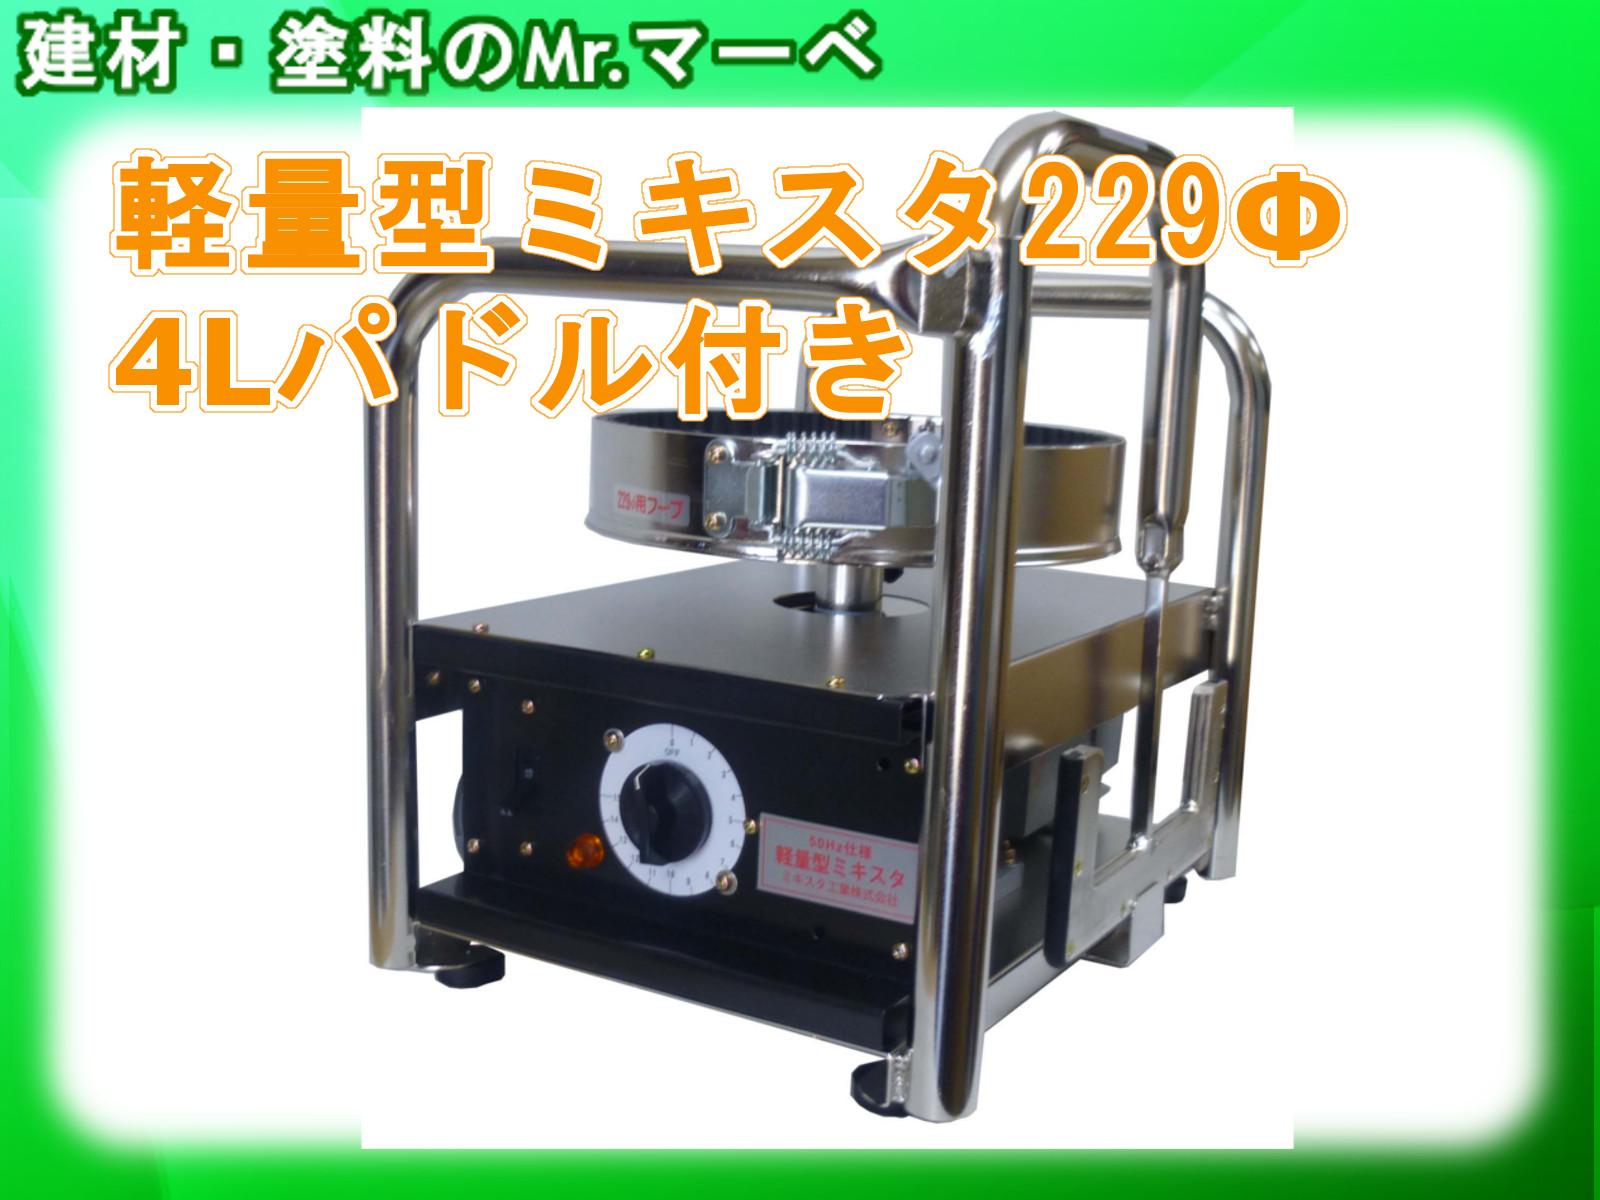 軽量型ミキスタ229Φ 4ℓパドル付き【送料無料】